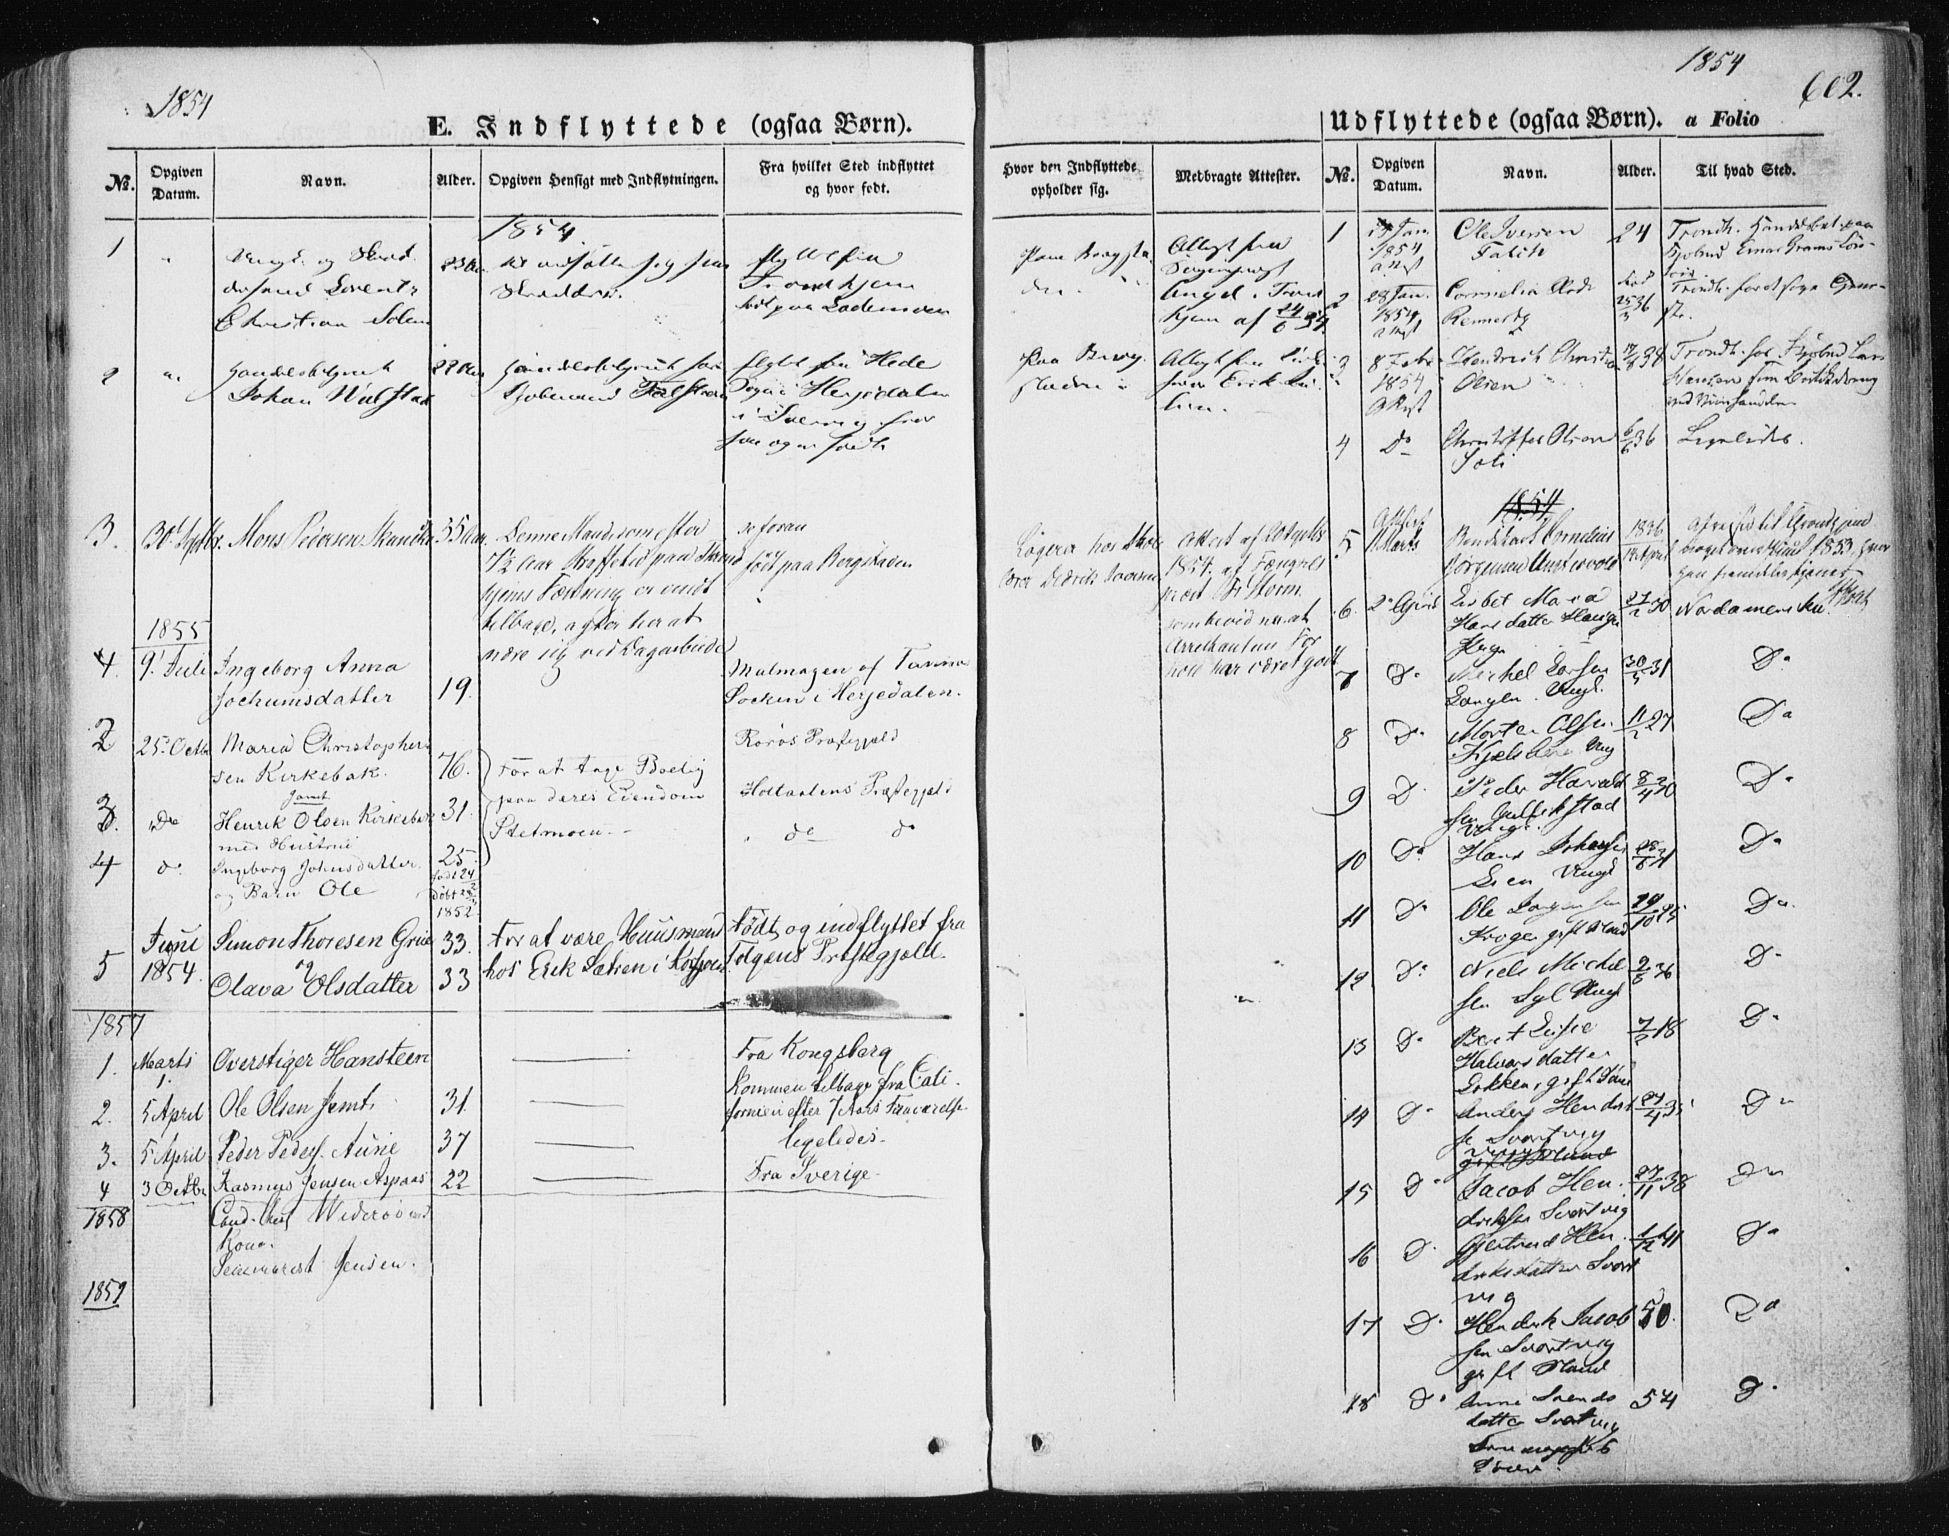 SAT, Ministerialprotokoller, klokkerbøker og fødselsregistre - Sør-Trøndelag, 681/L0931: Ministerialbok nr. 681A09, 1845-1859, s. 602